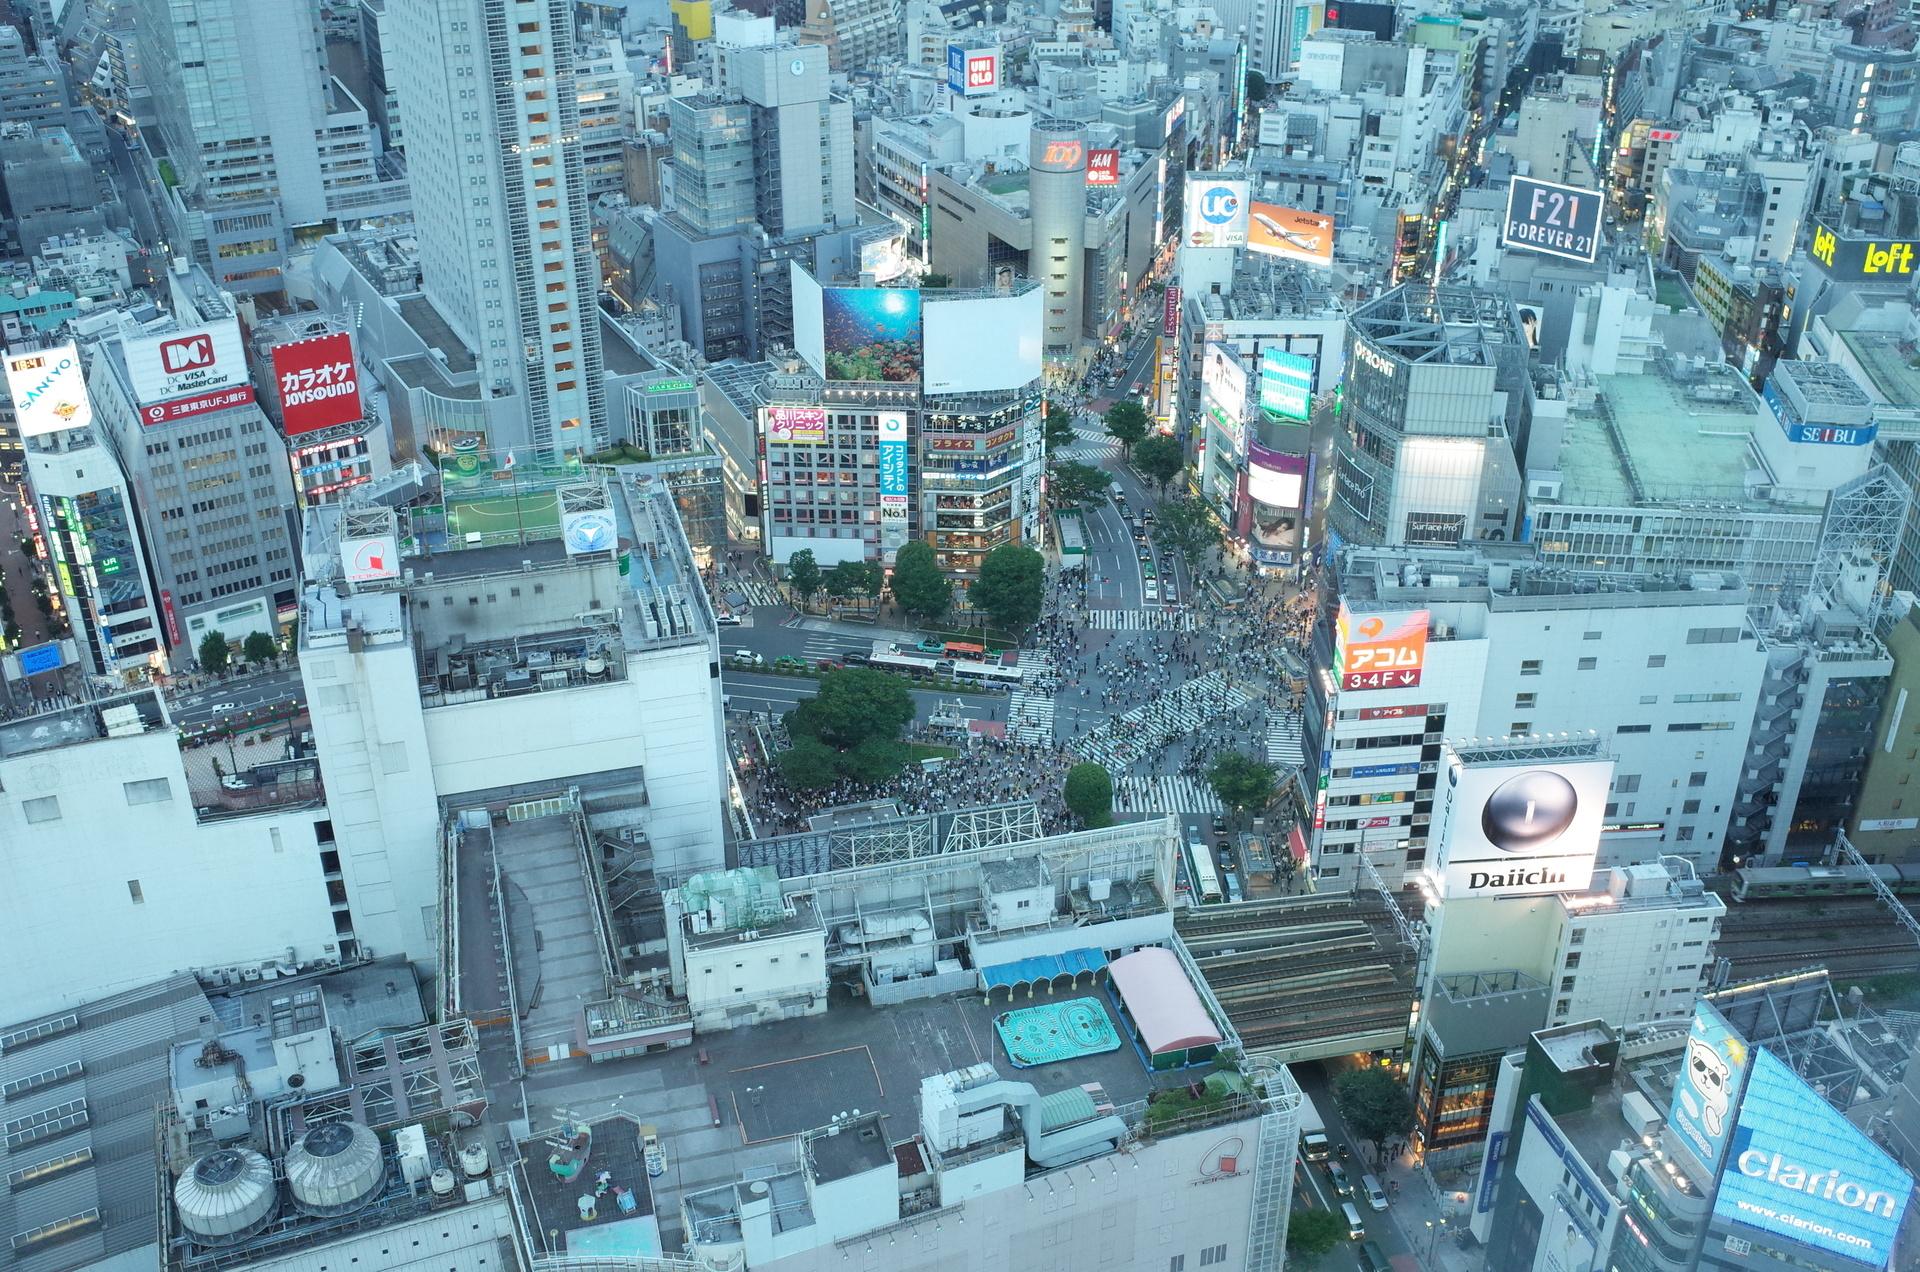 緑がたくさん!健康も安全も教育もサービスが充実した渋谷区の土地探し